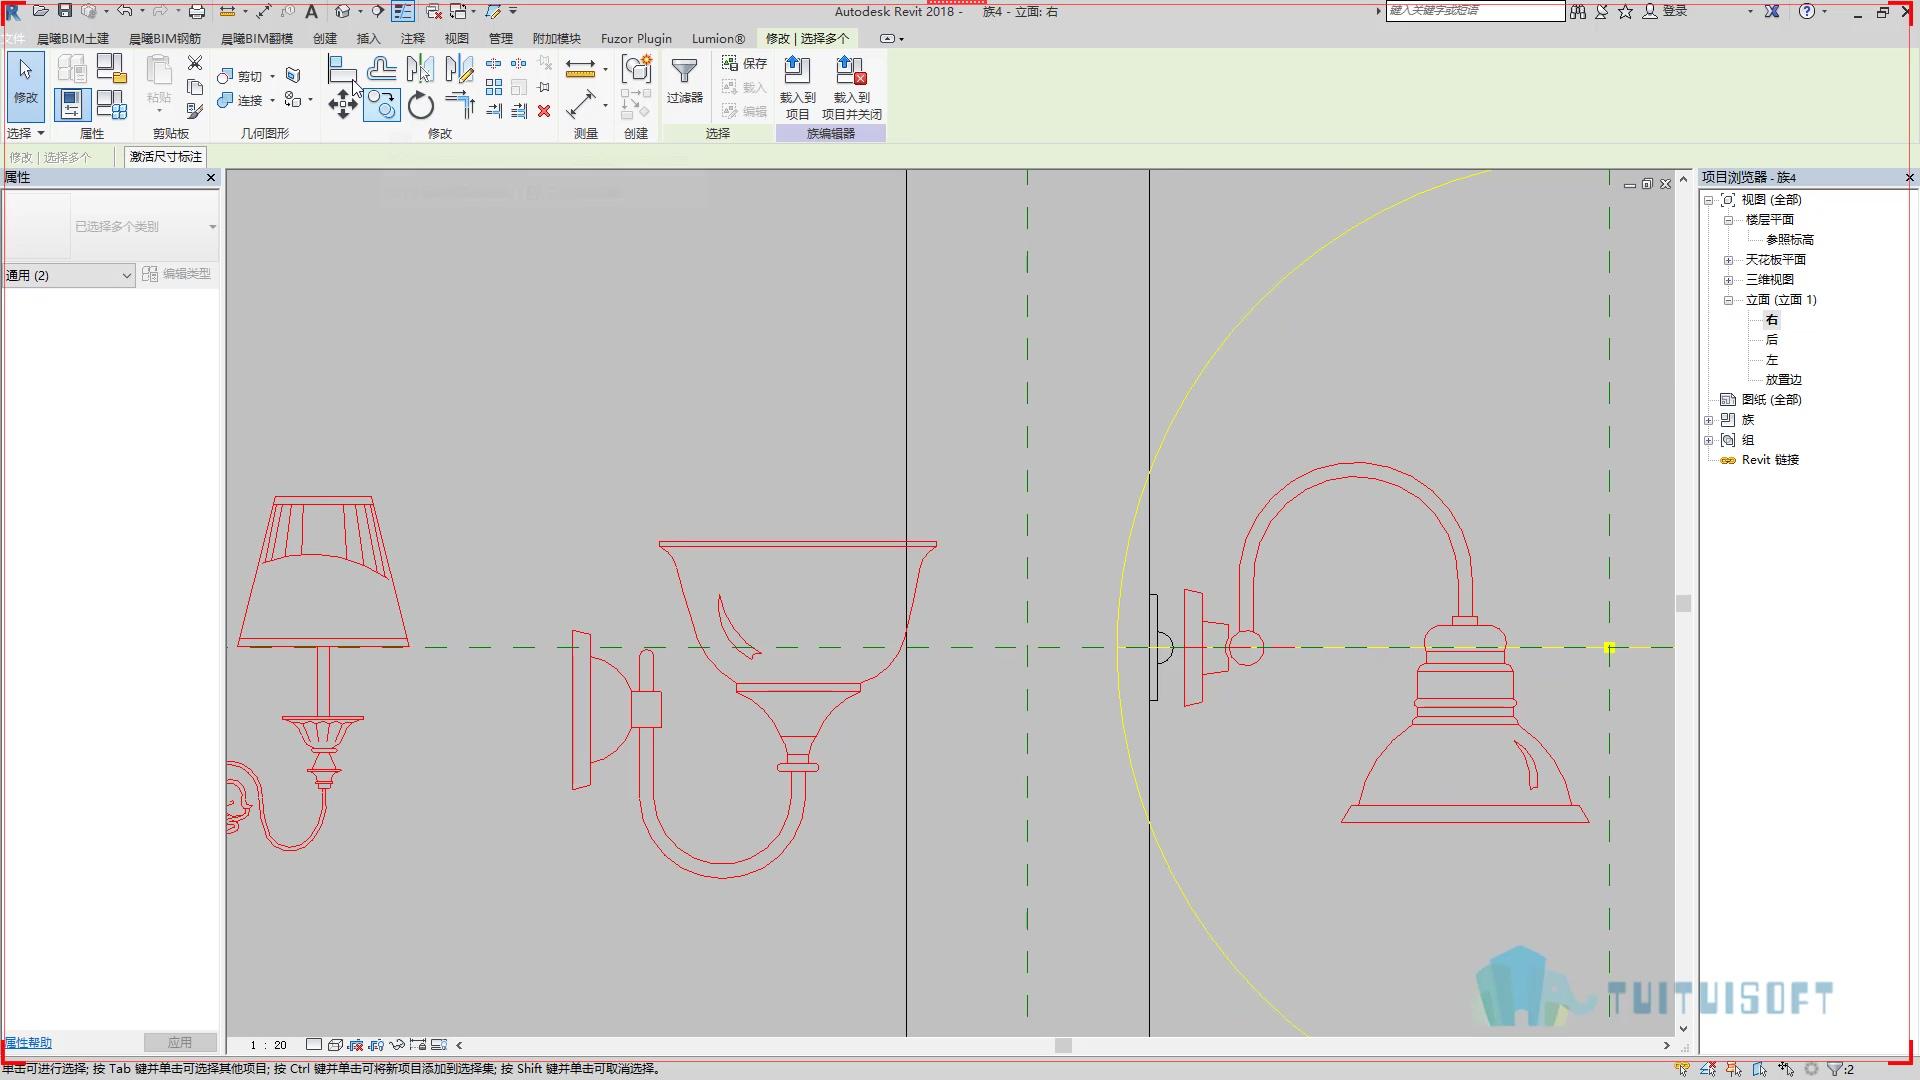 02 绘制壁灯的形状.jpg